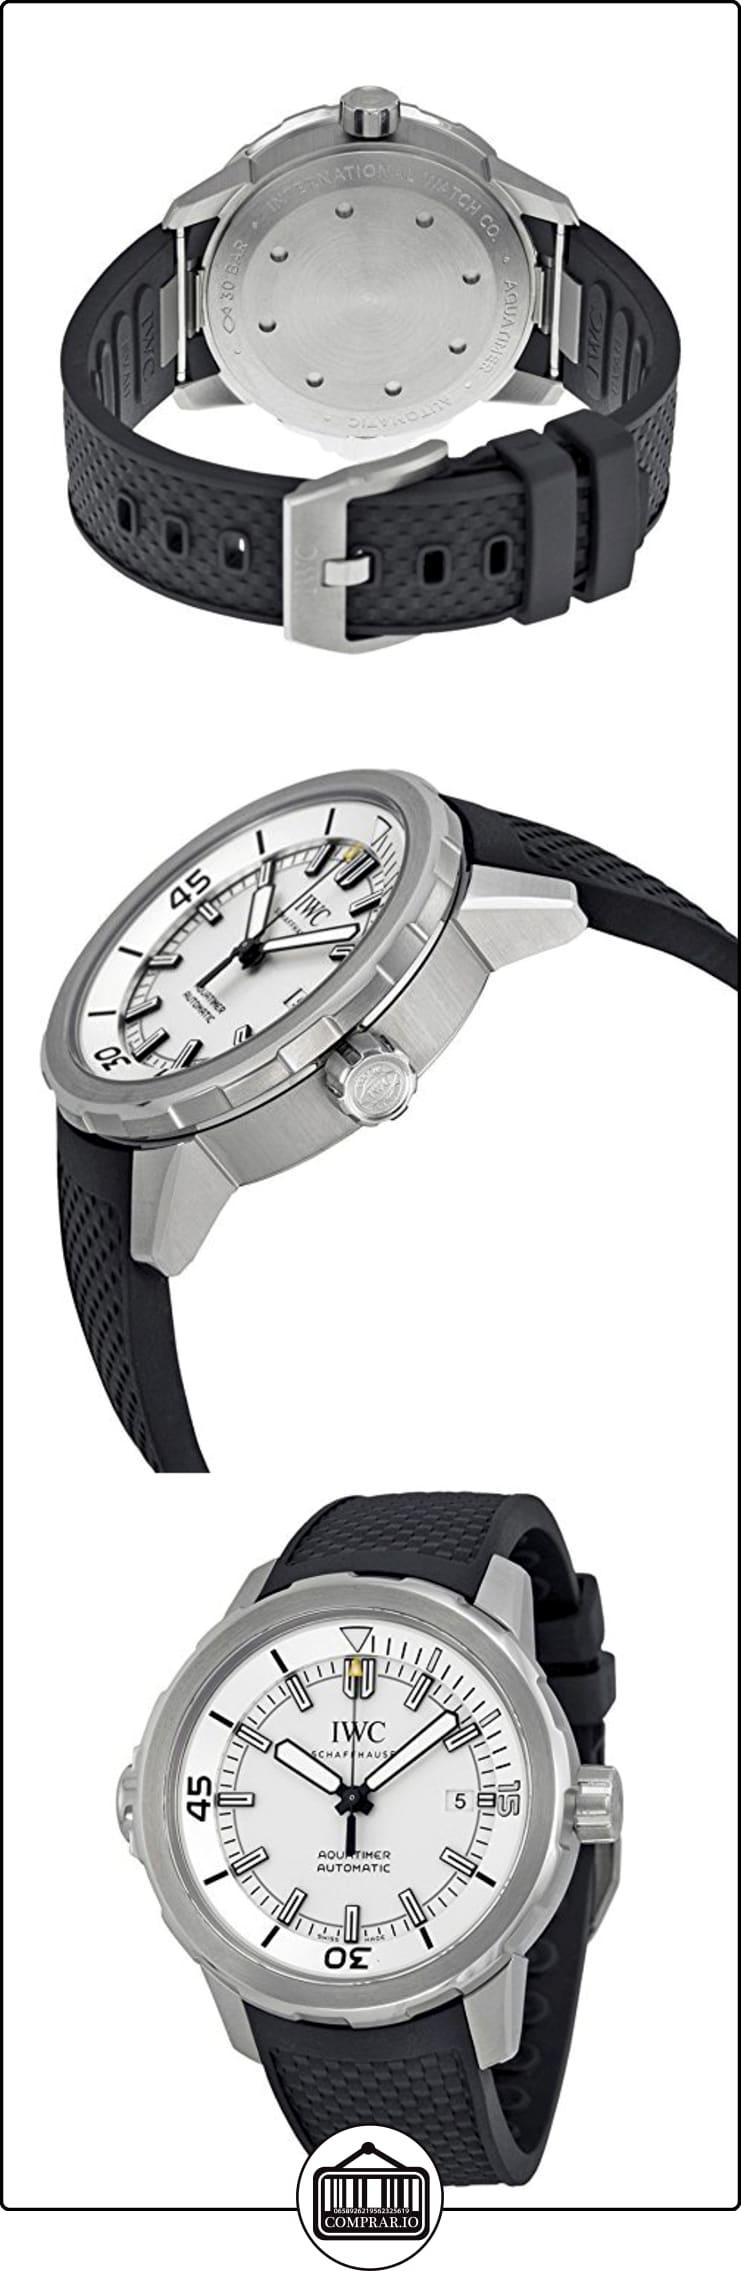 00ed1b841459 IWC RELOJ DE HOMBRE AUTOMÁTICO 42MM CORREA DE GOMA CAJA DE ACERO IW329003 ✿  Relojes para hombre - (Lujo) ✿